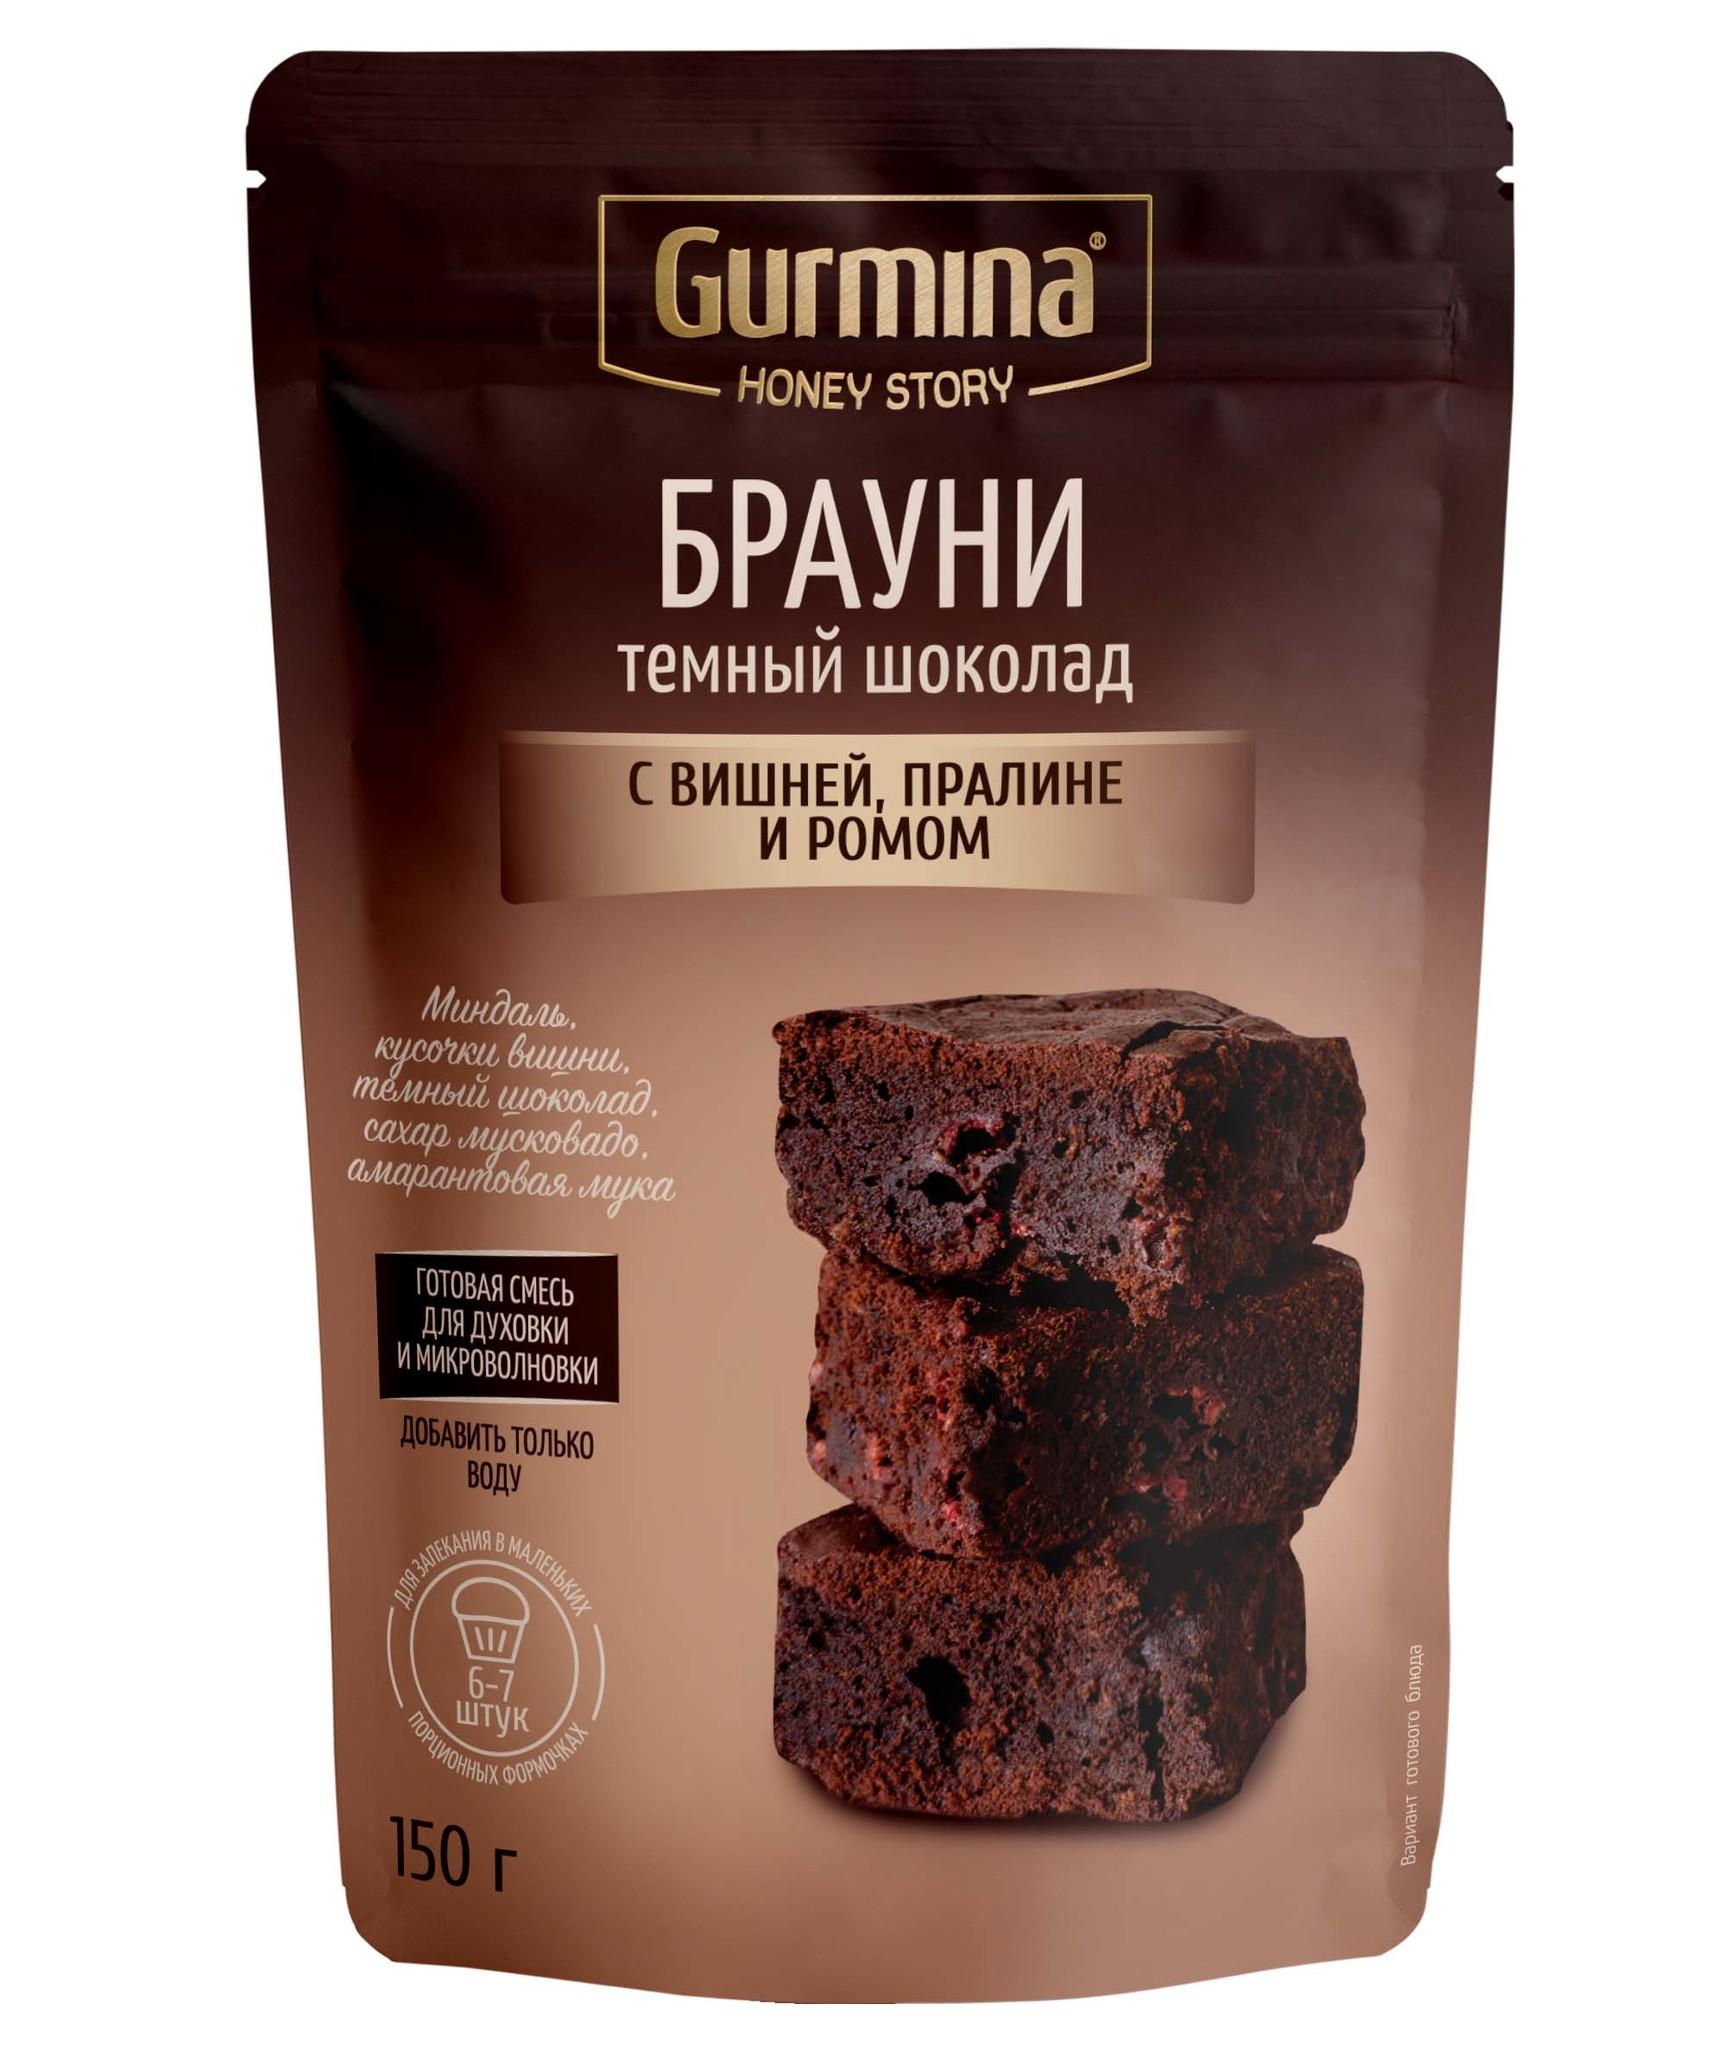 Брауни тёмный шоколад с вишней,пралине и ромом, 150г.